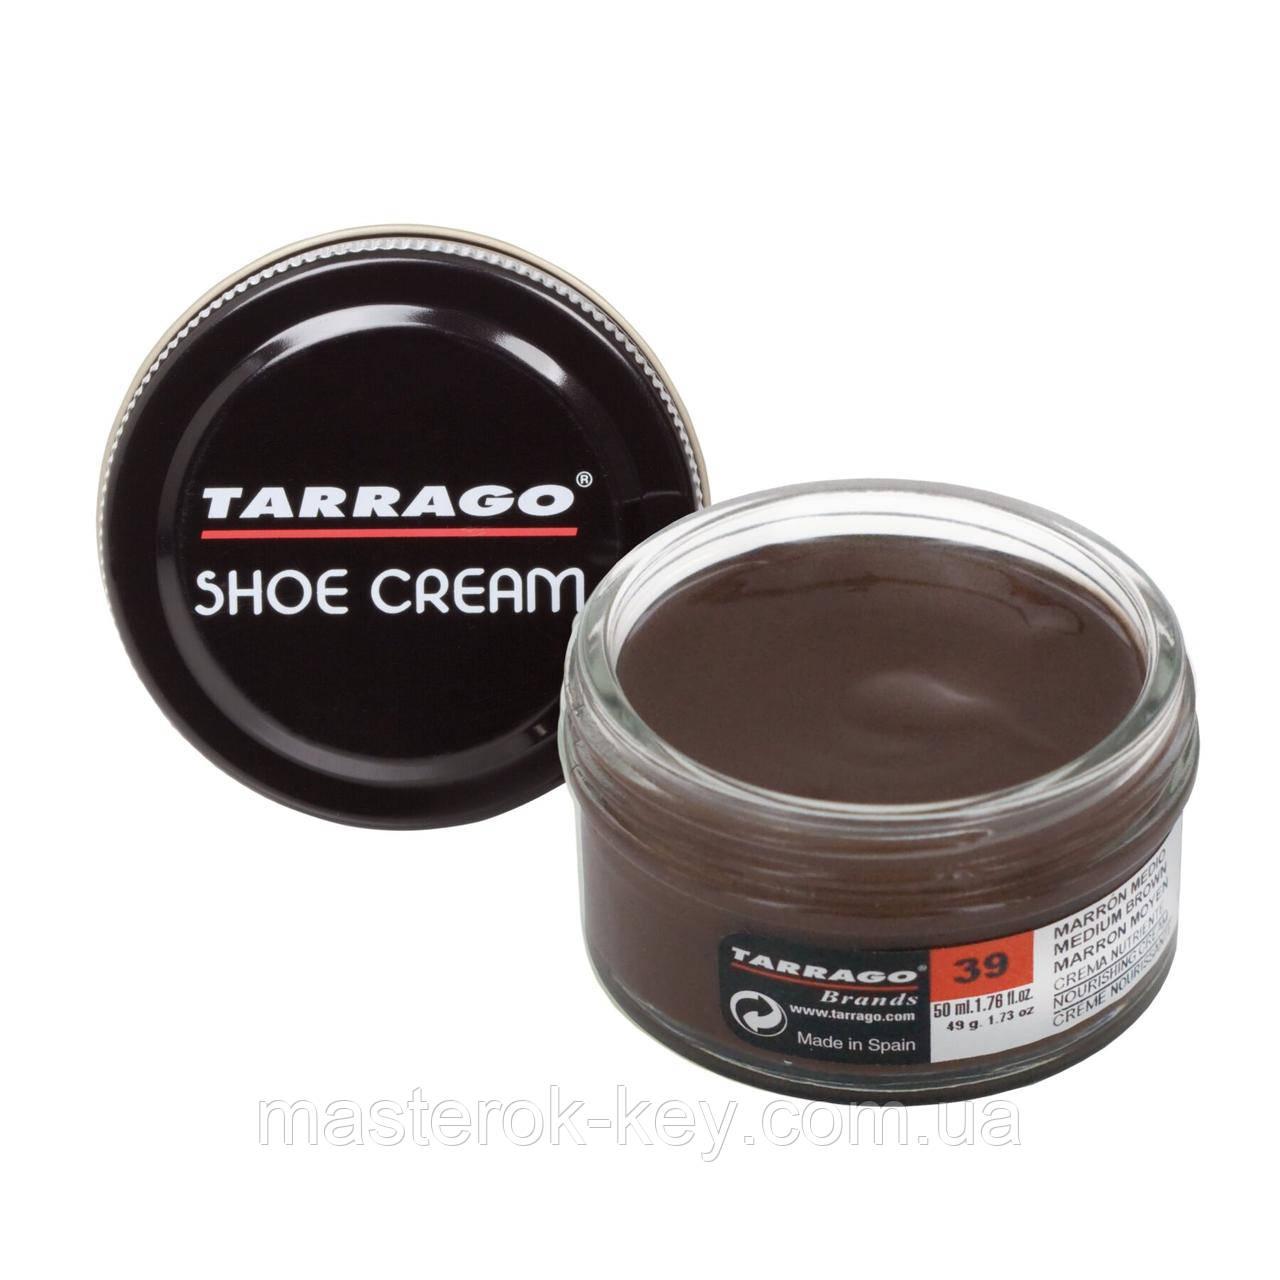 Крем для гладкой кожи Tarrago Shoe Cream 50 мл цвет средний коричневый (39)